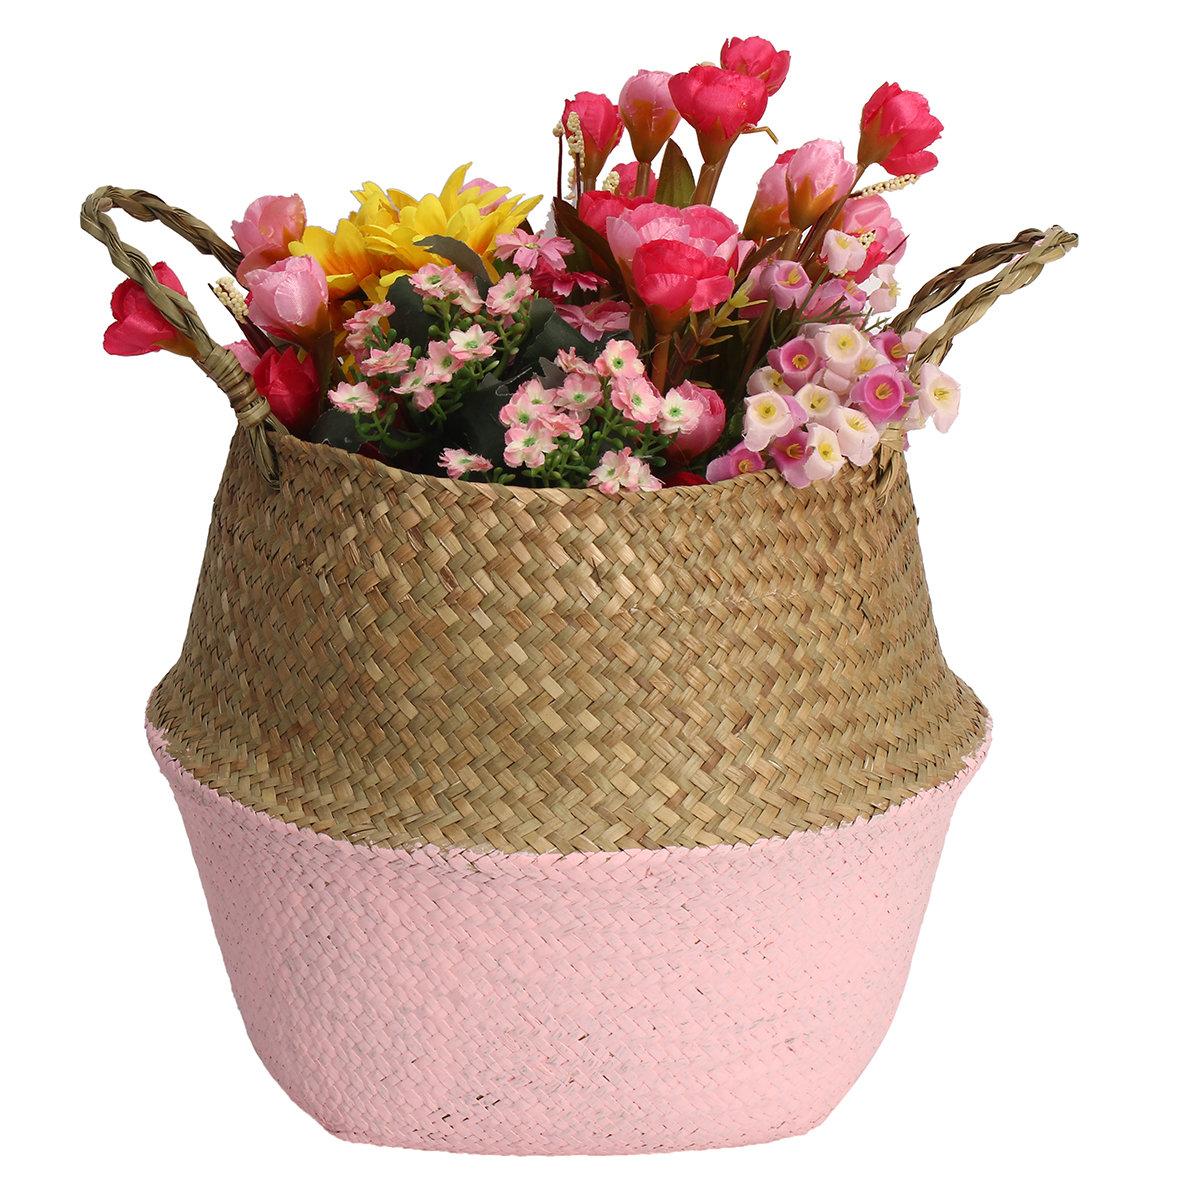 Half Pink belly basket